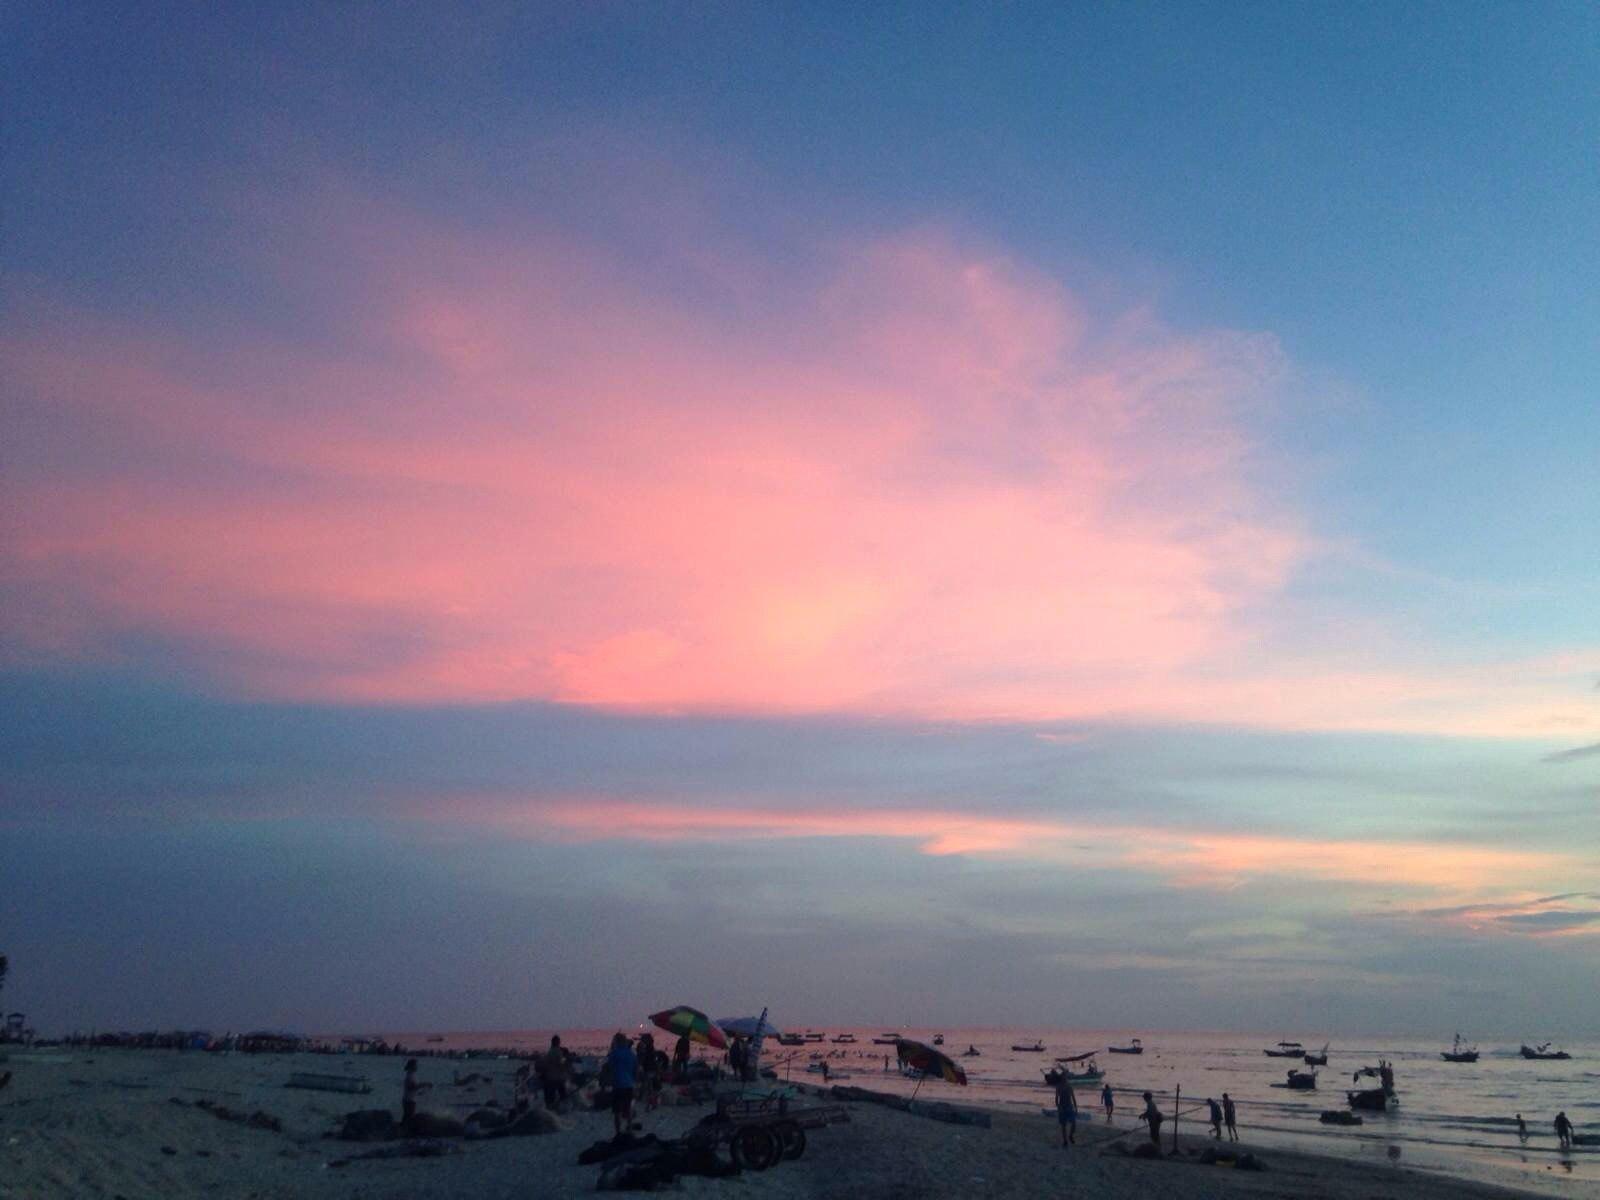 整片海,都喺粉紅色,好靚